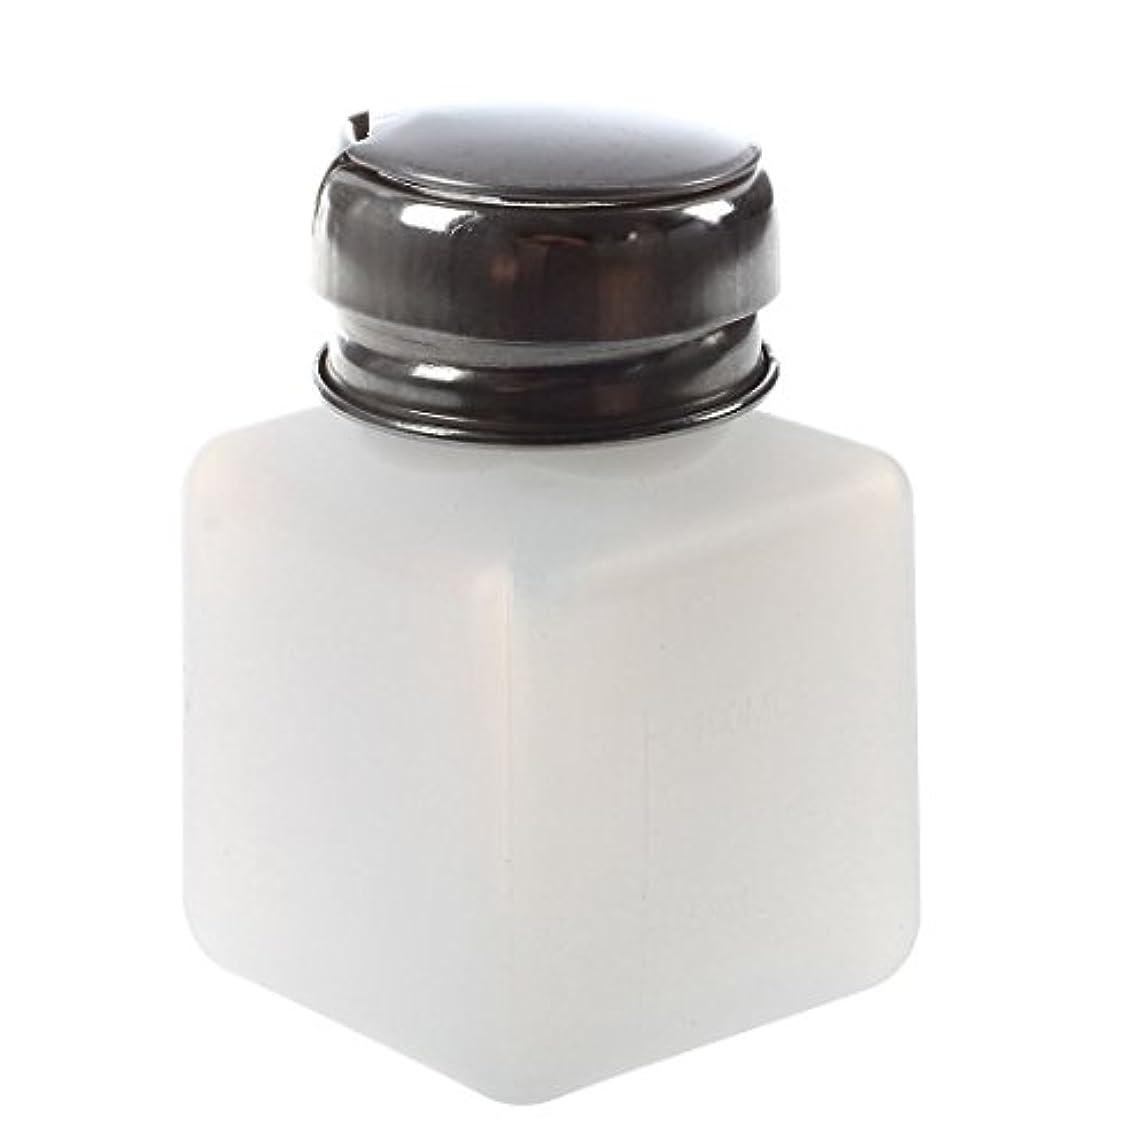 失態一目圧縮するACAMPTAR エンプティーポンプディスペンサー ネイルアート研磨リムーバー 100MLボトル用 (ホワイト)